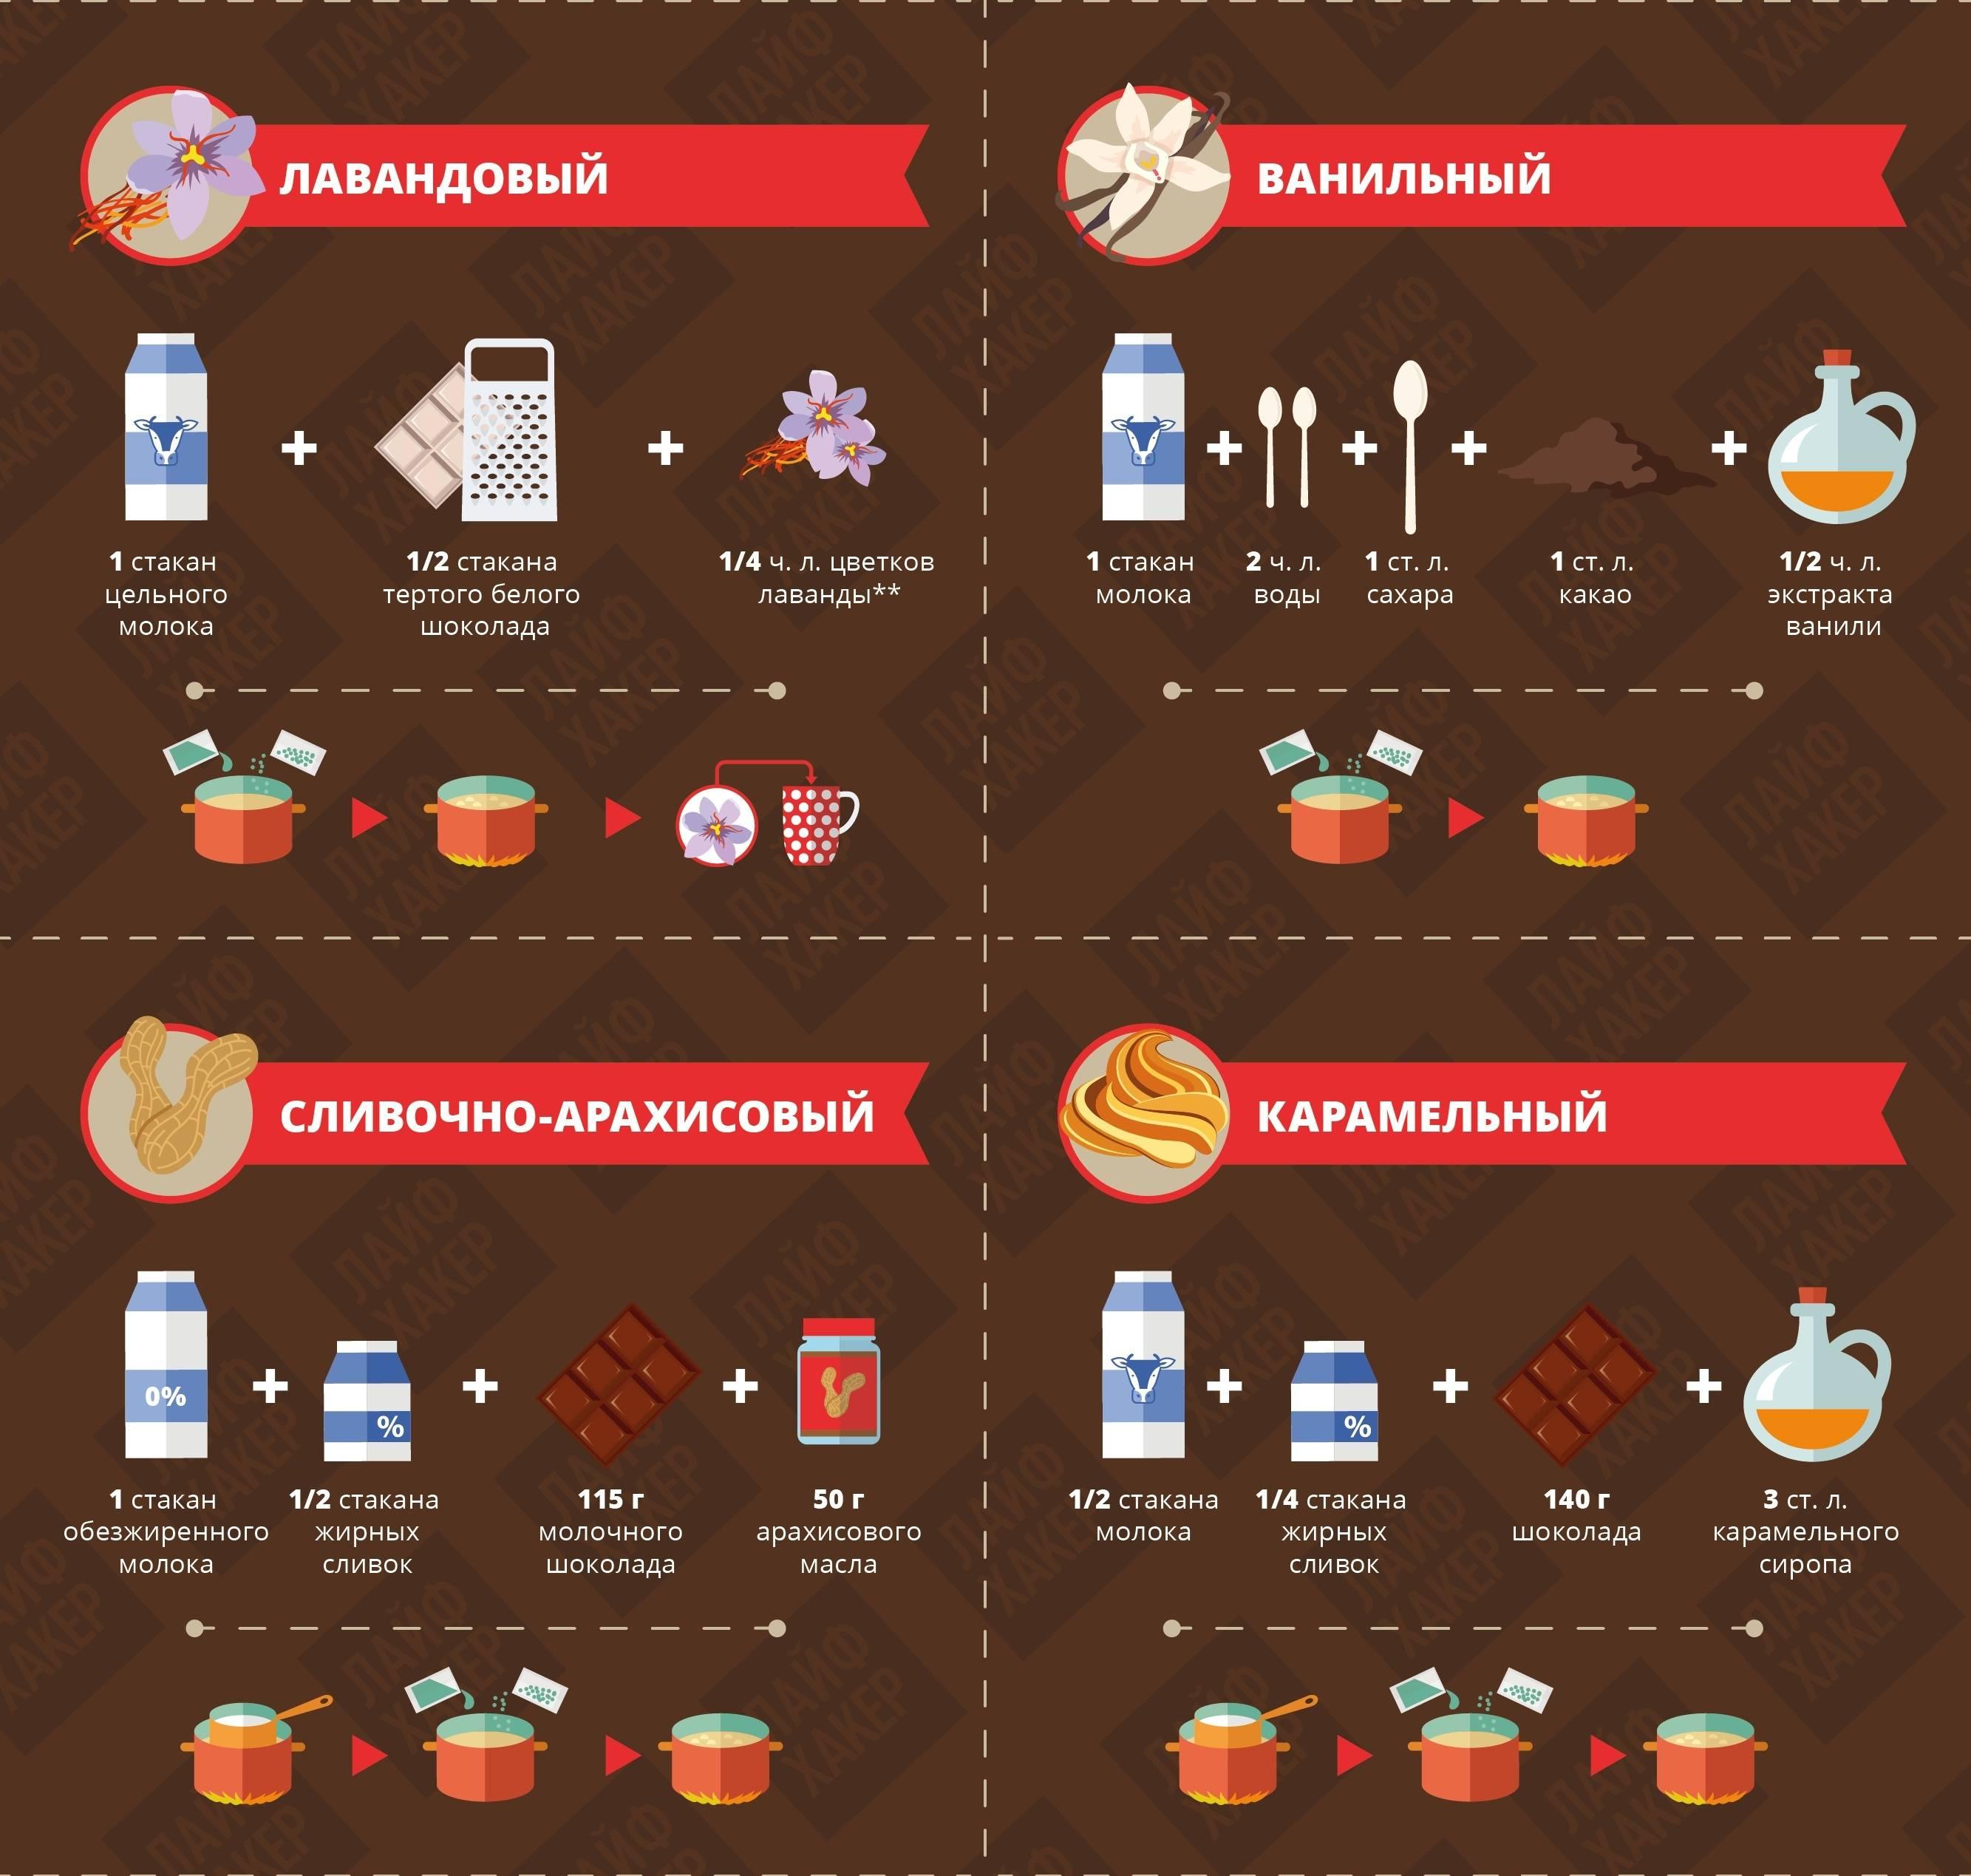 Горячий шоколад - лучшие рецепты приготовления вкуснейшего напитка